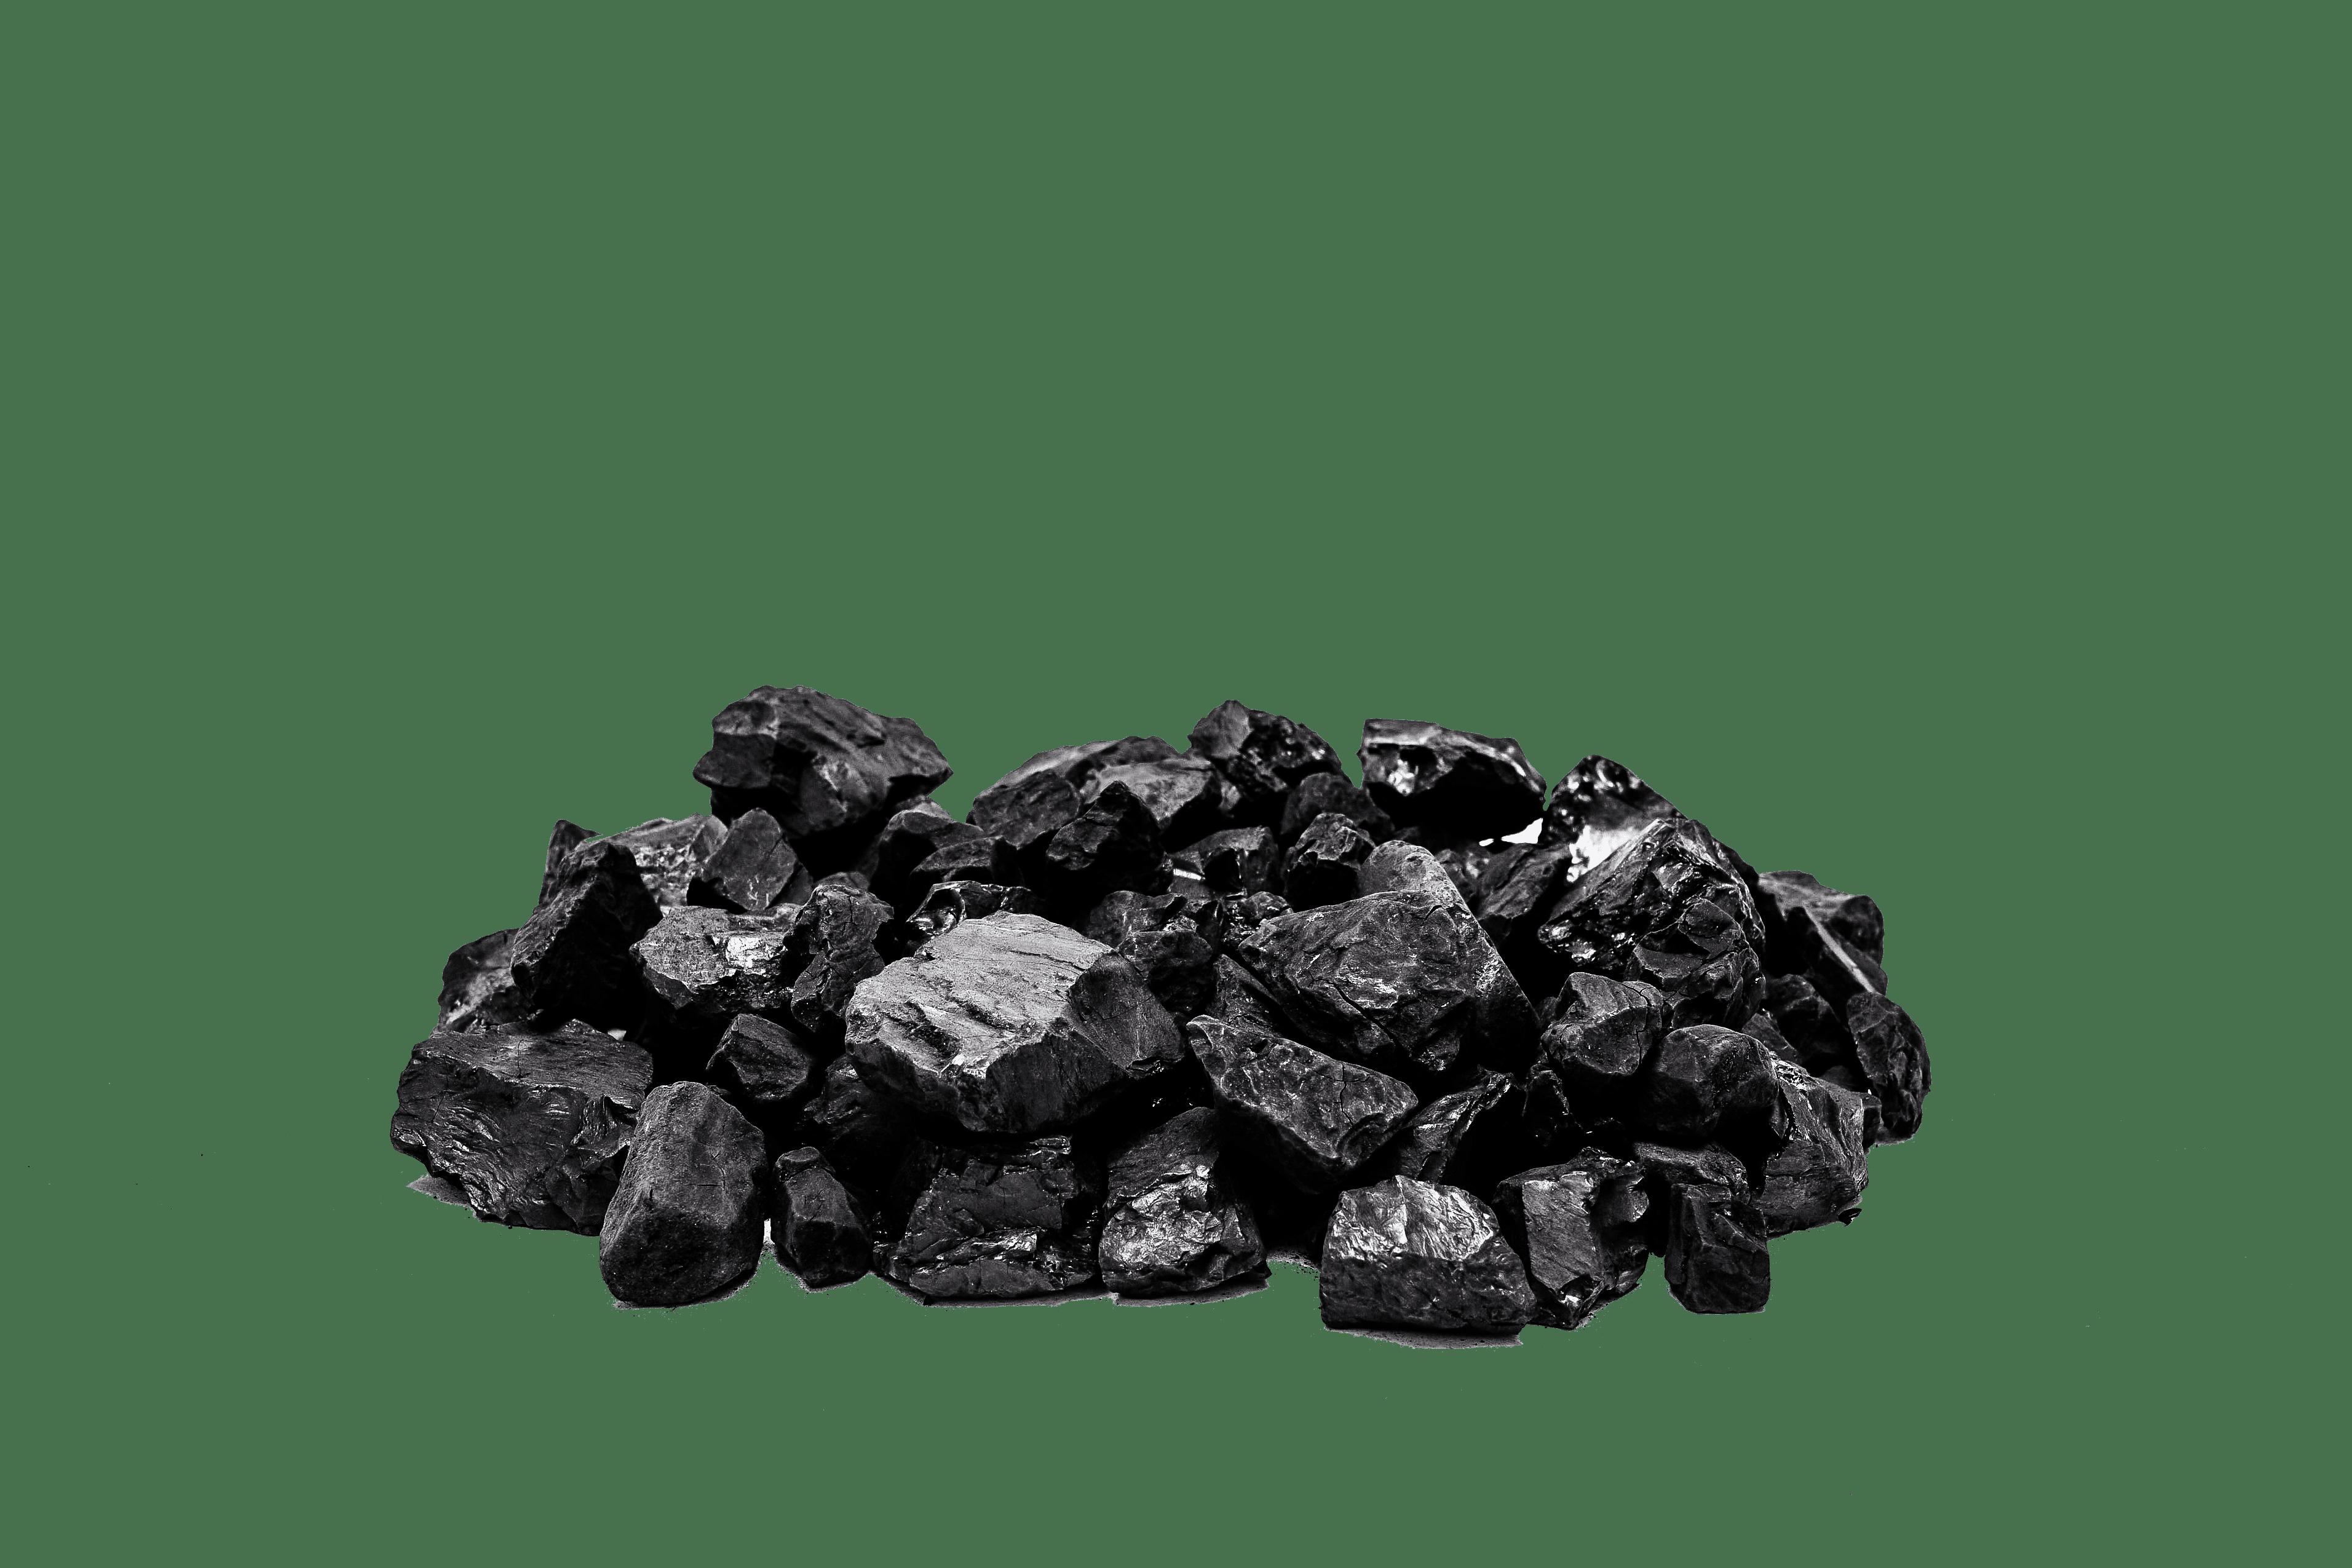 ถ่านหิน ขนาด 10-25 มม.